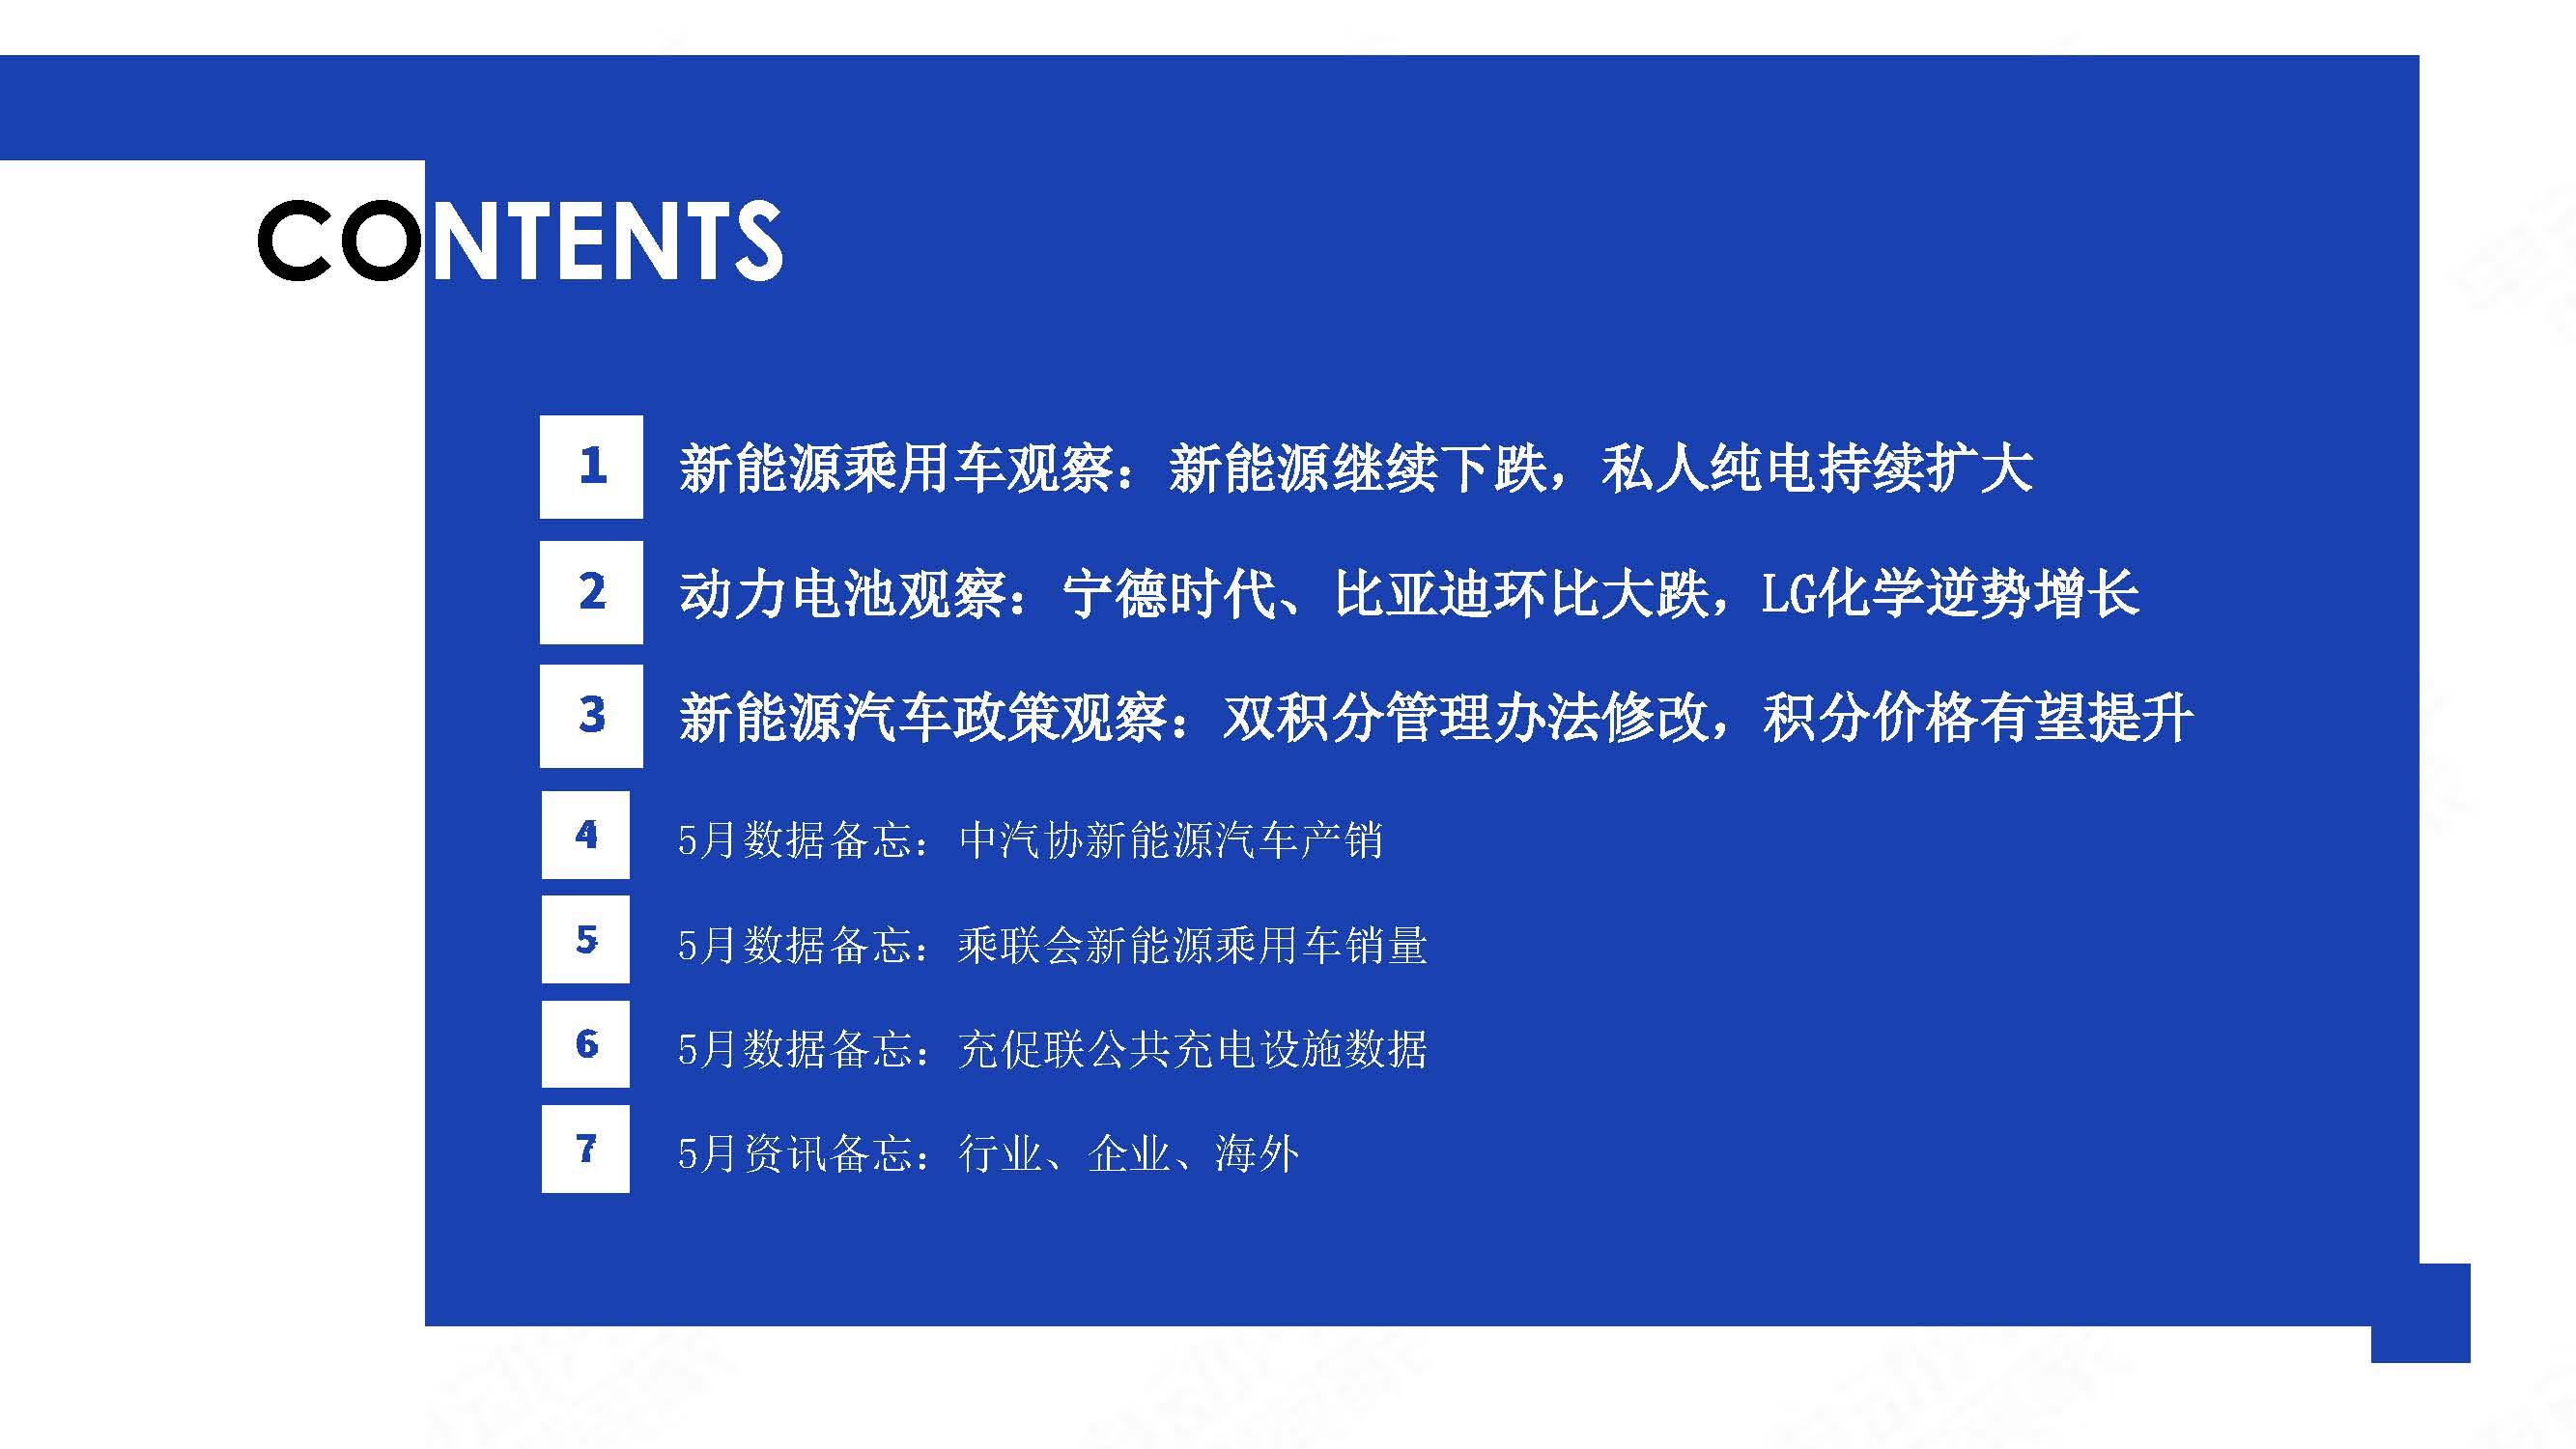 中国新能源汽车产业观察2020年5月简版_页面_03